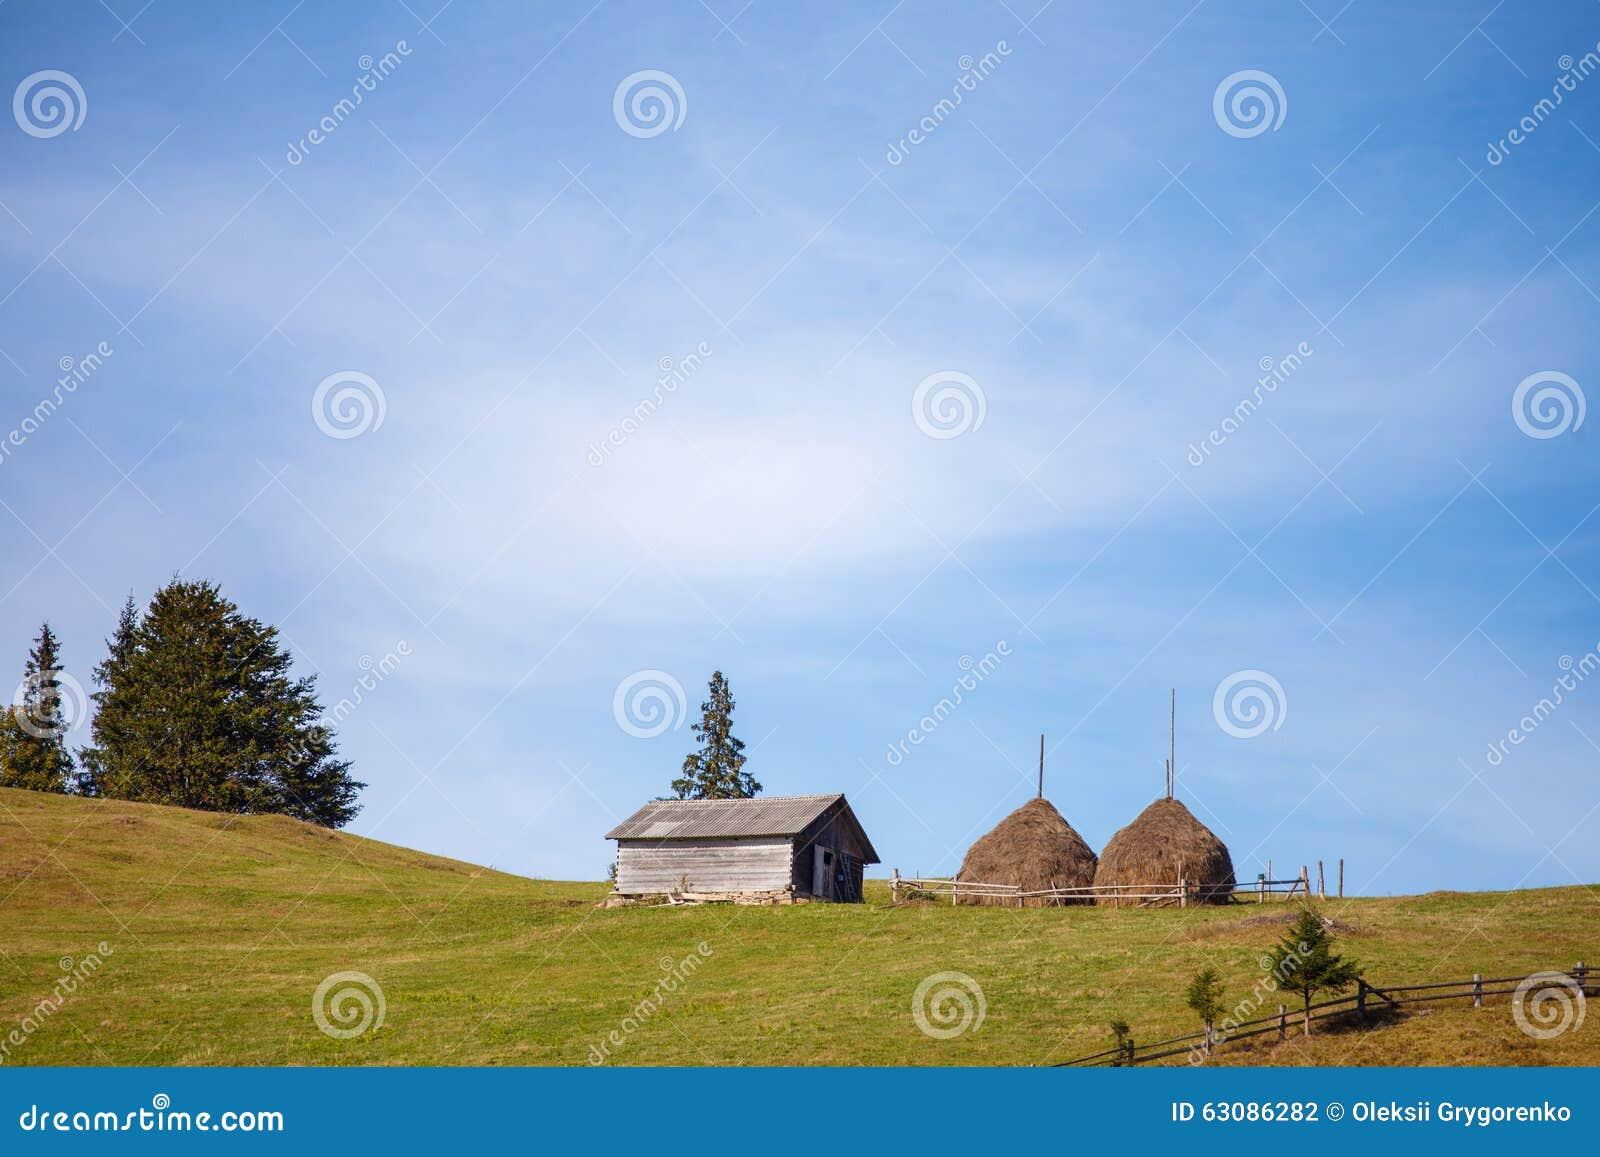 Download La Maison En Bois Près De Grand Récolte Sur Le Fond De Ciel Photo stock - Image du home, vert: 63086282